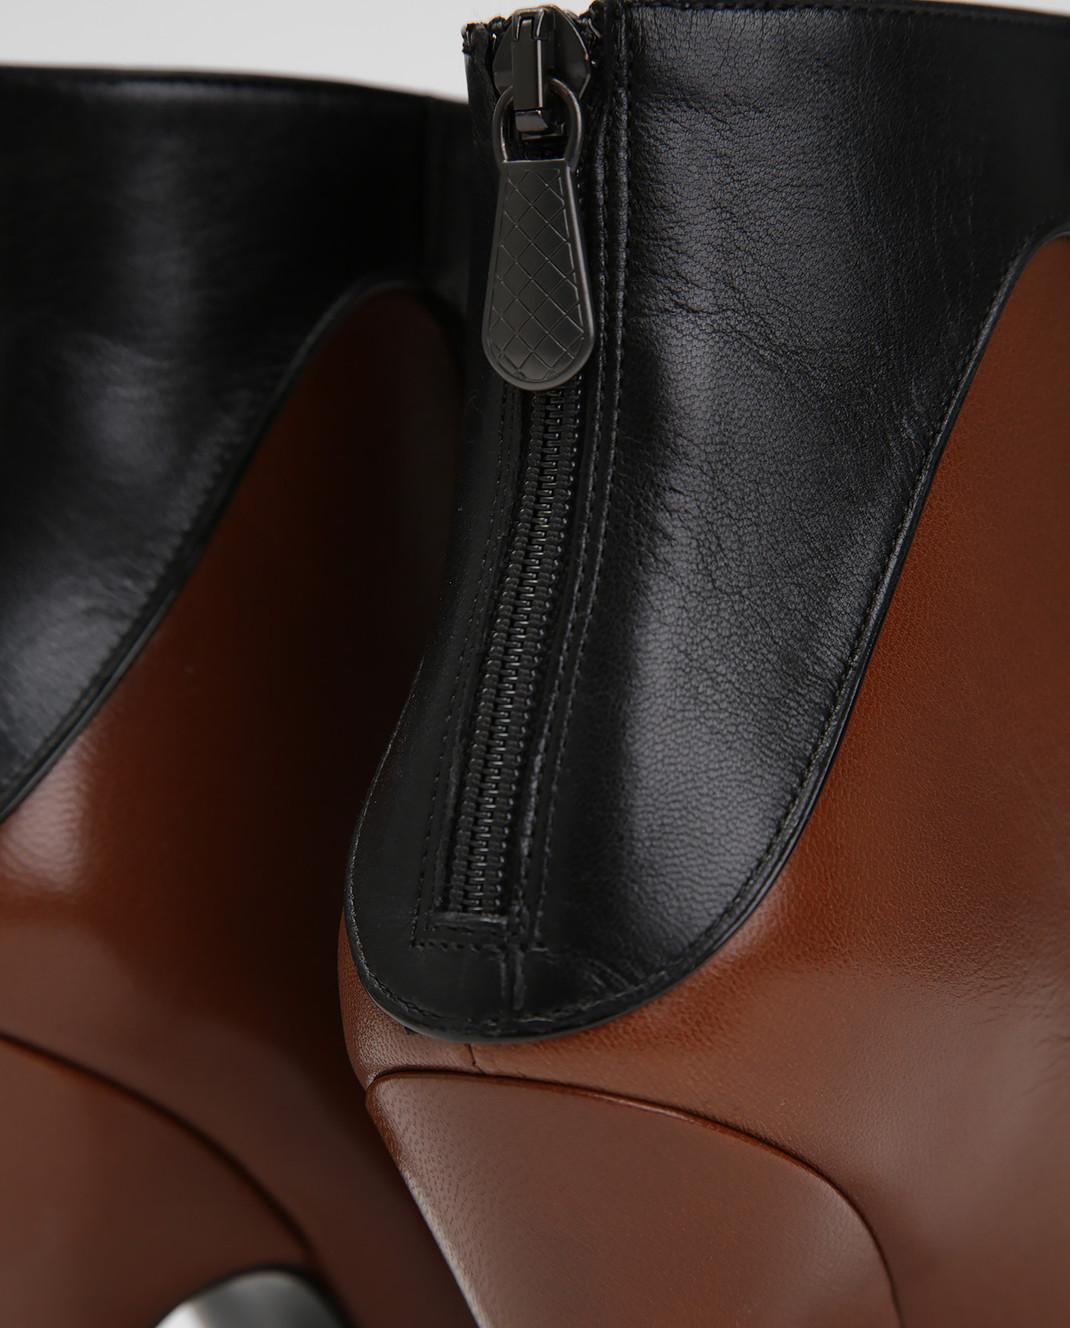 Bottega Veneta Черные кожаные ботильоны 533051 изображение 5